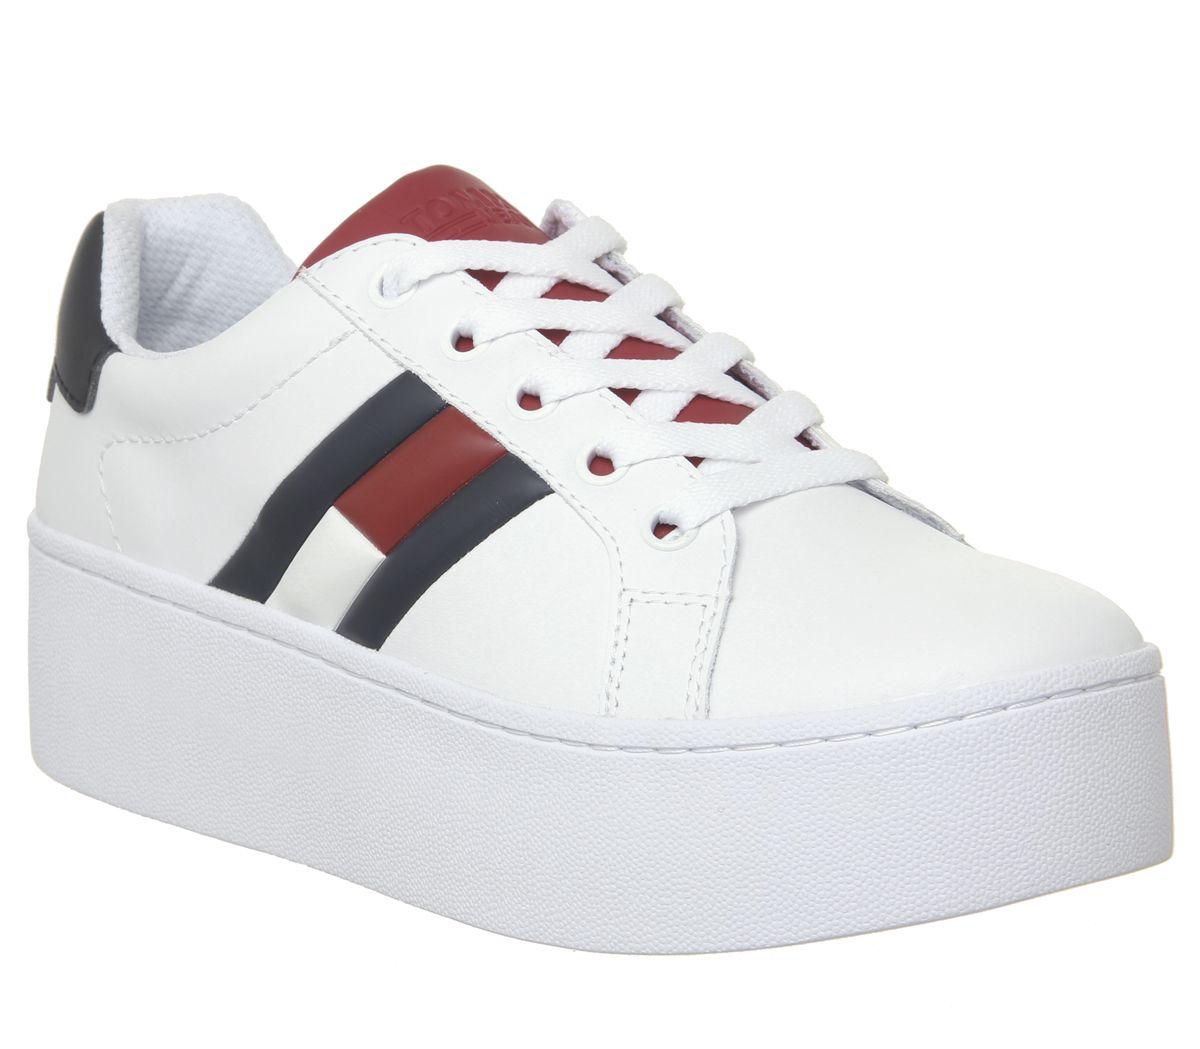 new concept 768af 6be37 Dettagli su Da Donna Tommy Hilfiger Sneaker Flag Piattaforma Scarpe Da  Ginnastica Bianco Rosso Blu Scarpe Da Ginnastica sho- mostra il titolo ...